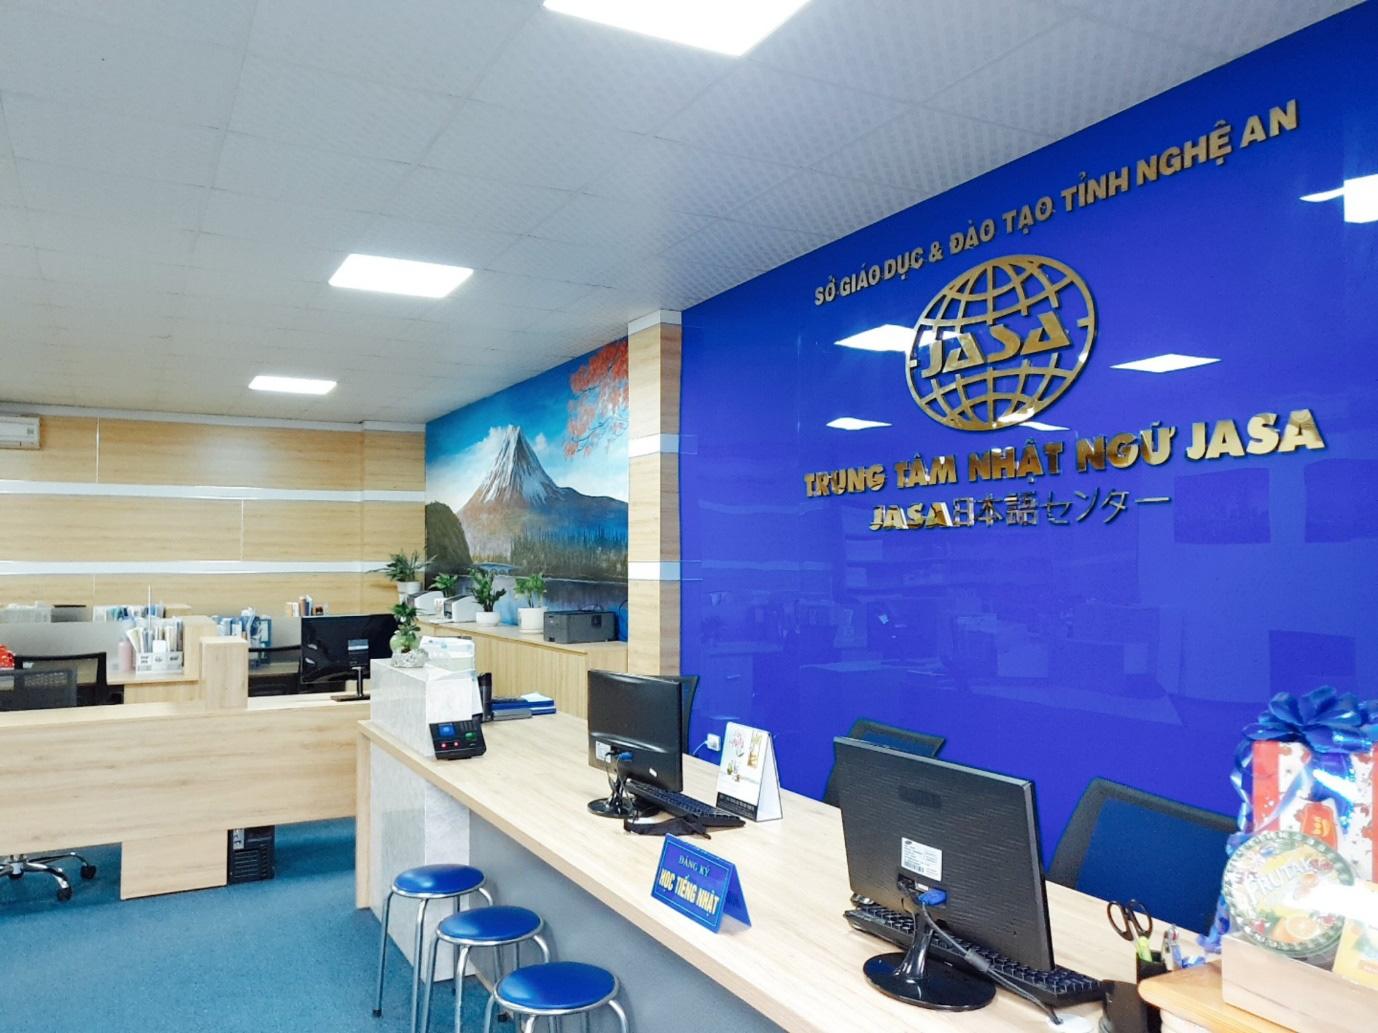 Có một trung tâm Nhật ngữ chất tại Nghệ An - Ảnh 1.